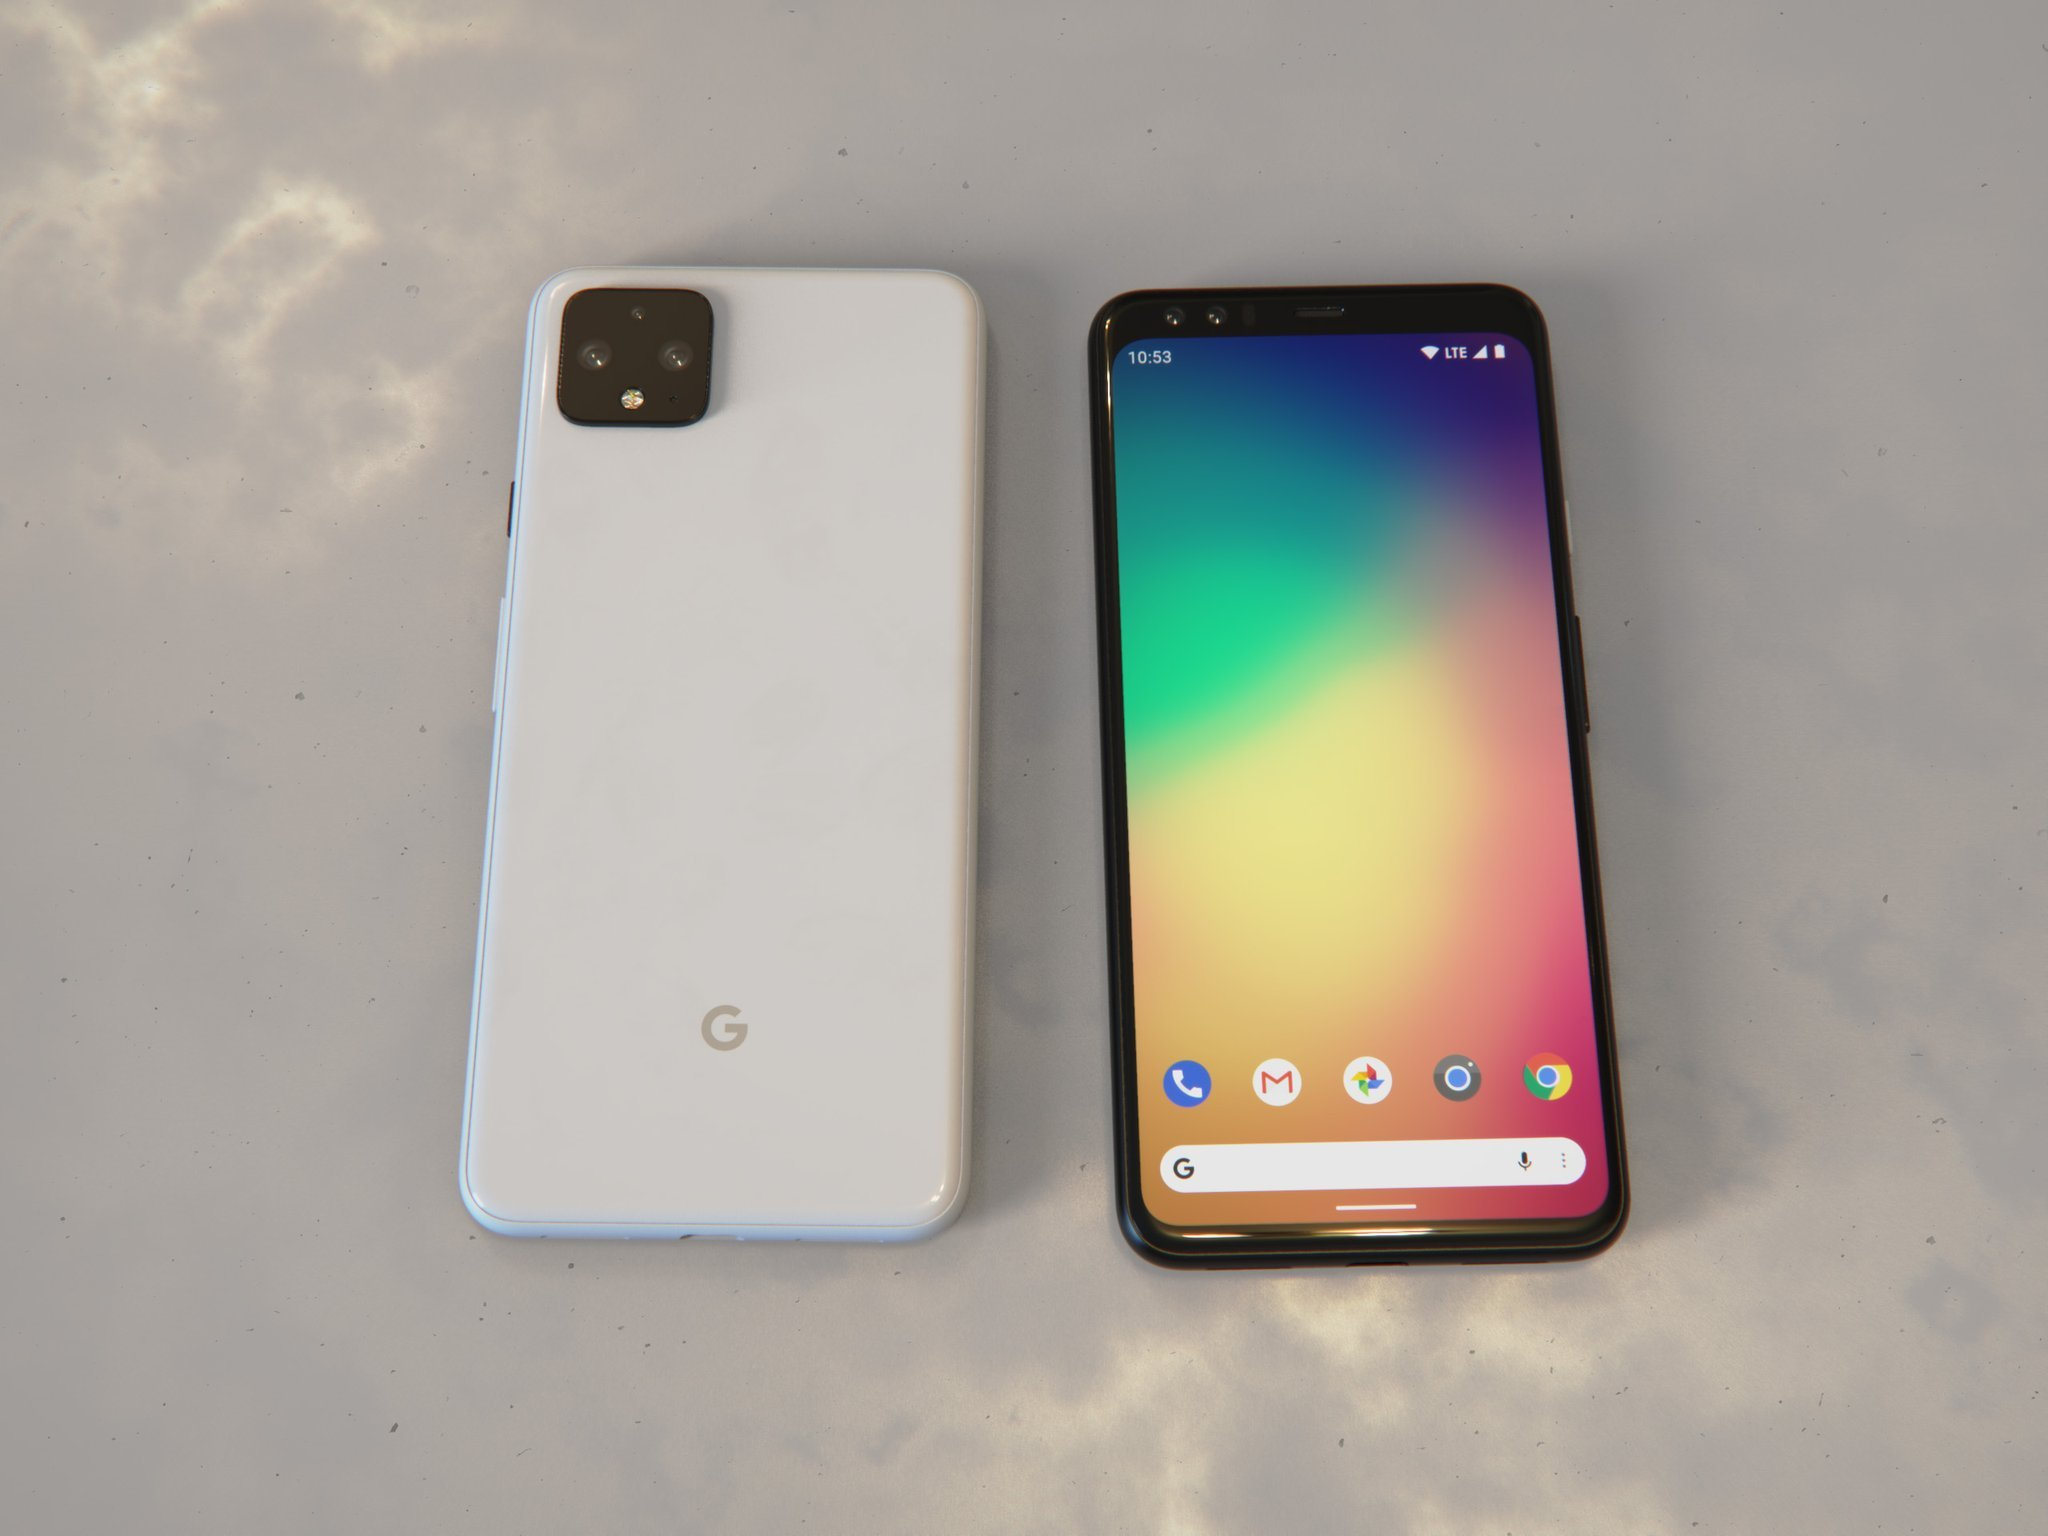 Les Google Pixel 4 et Pixel 4 XL pourraient avoir 6 Go de RAM